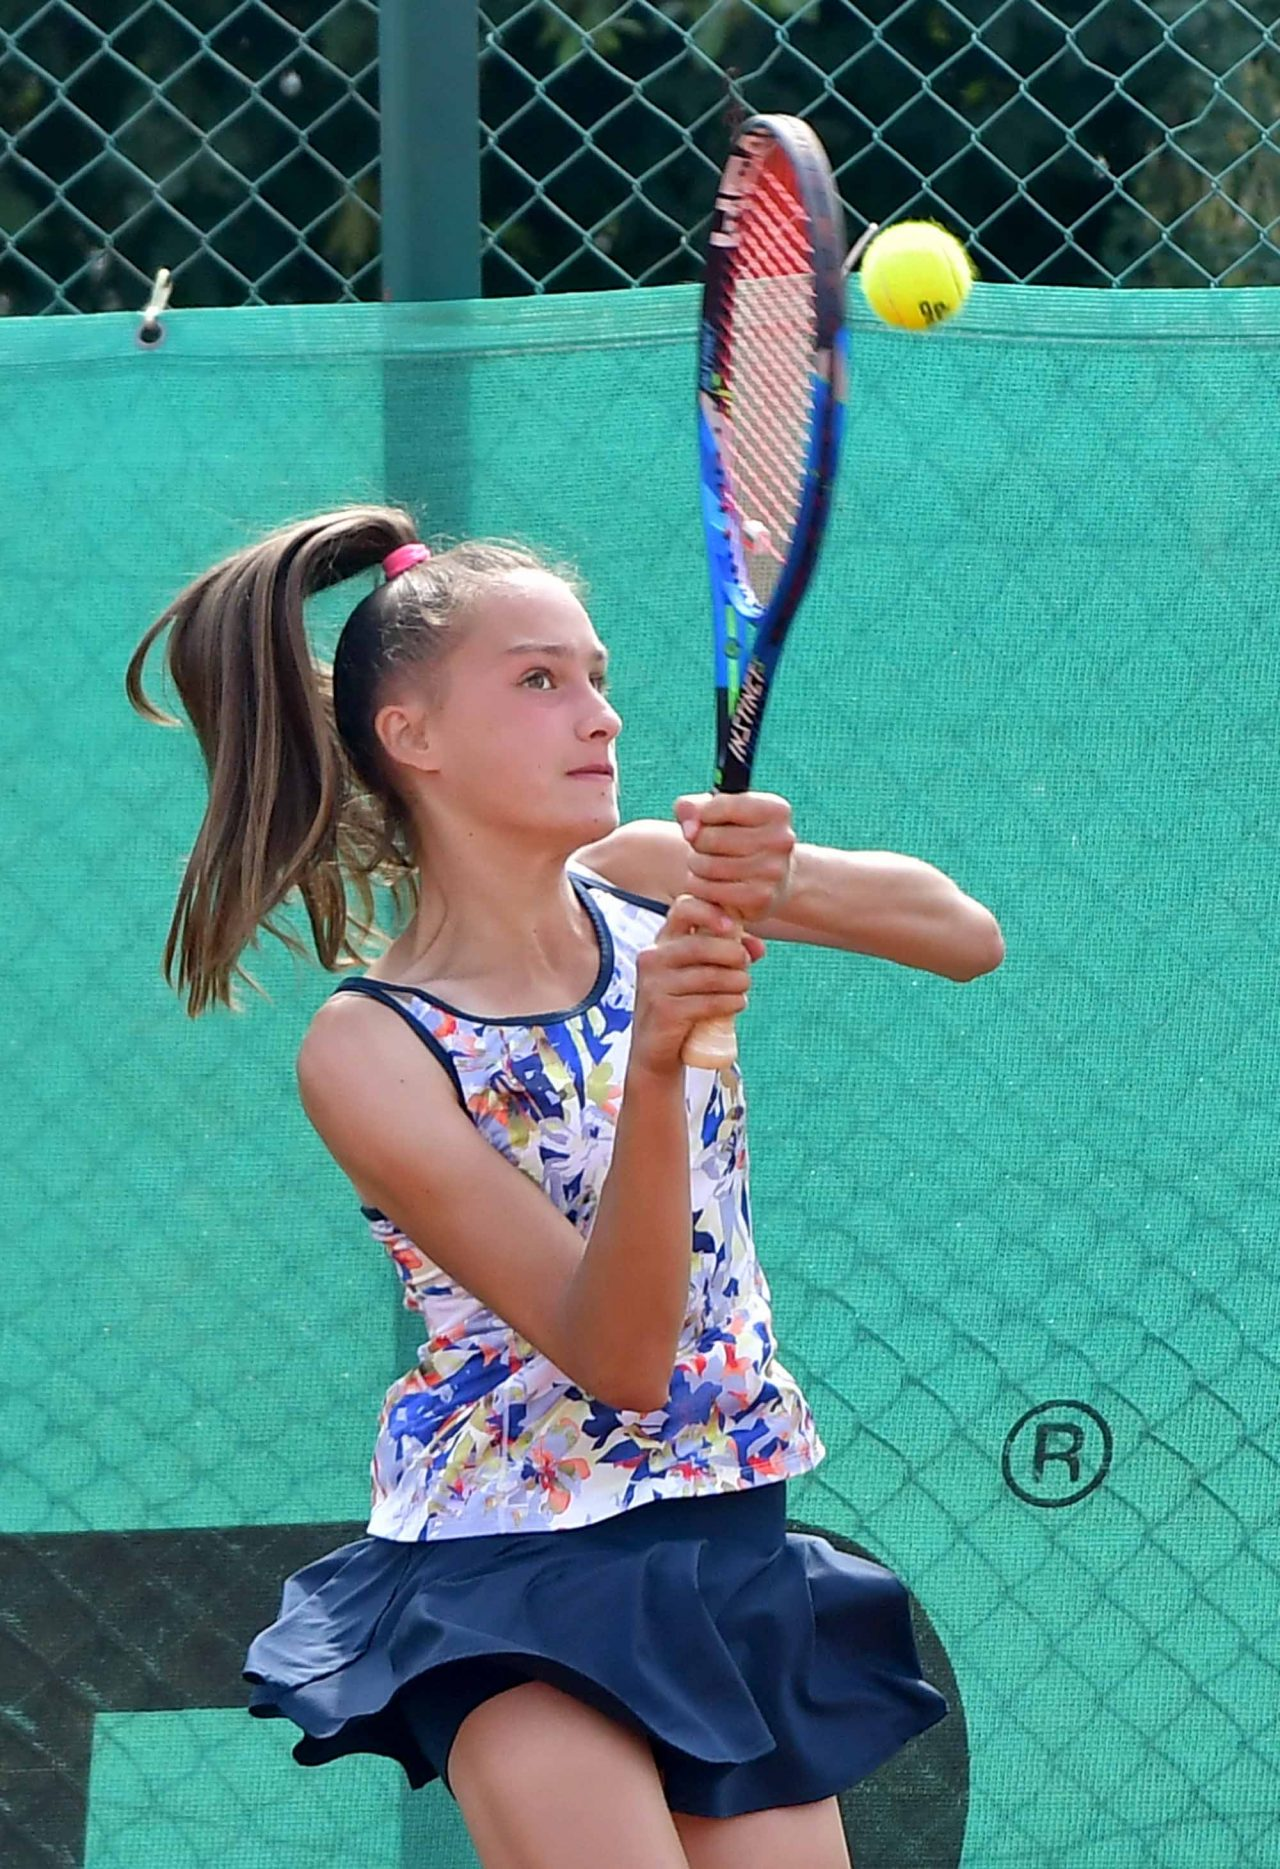 Държавно първенство тенис до 14 год. ТК 15-40 финал (18)